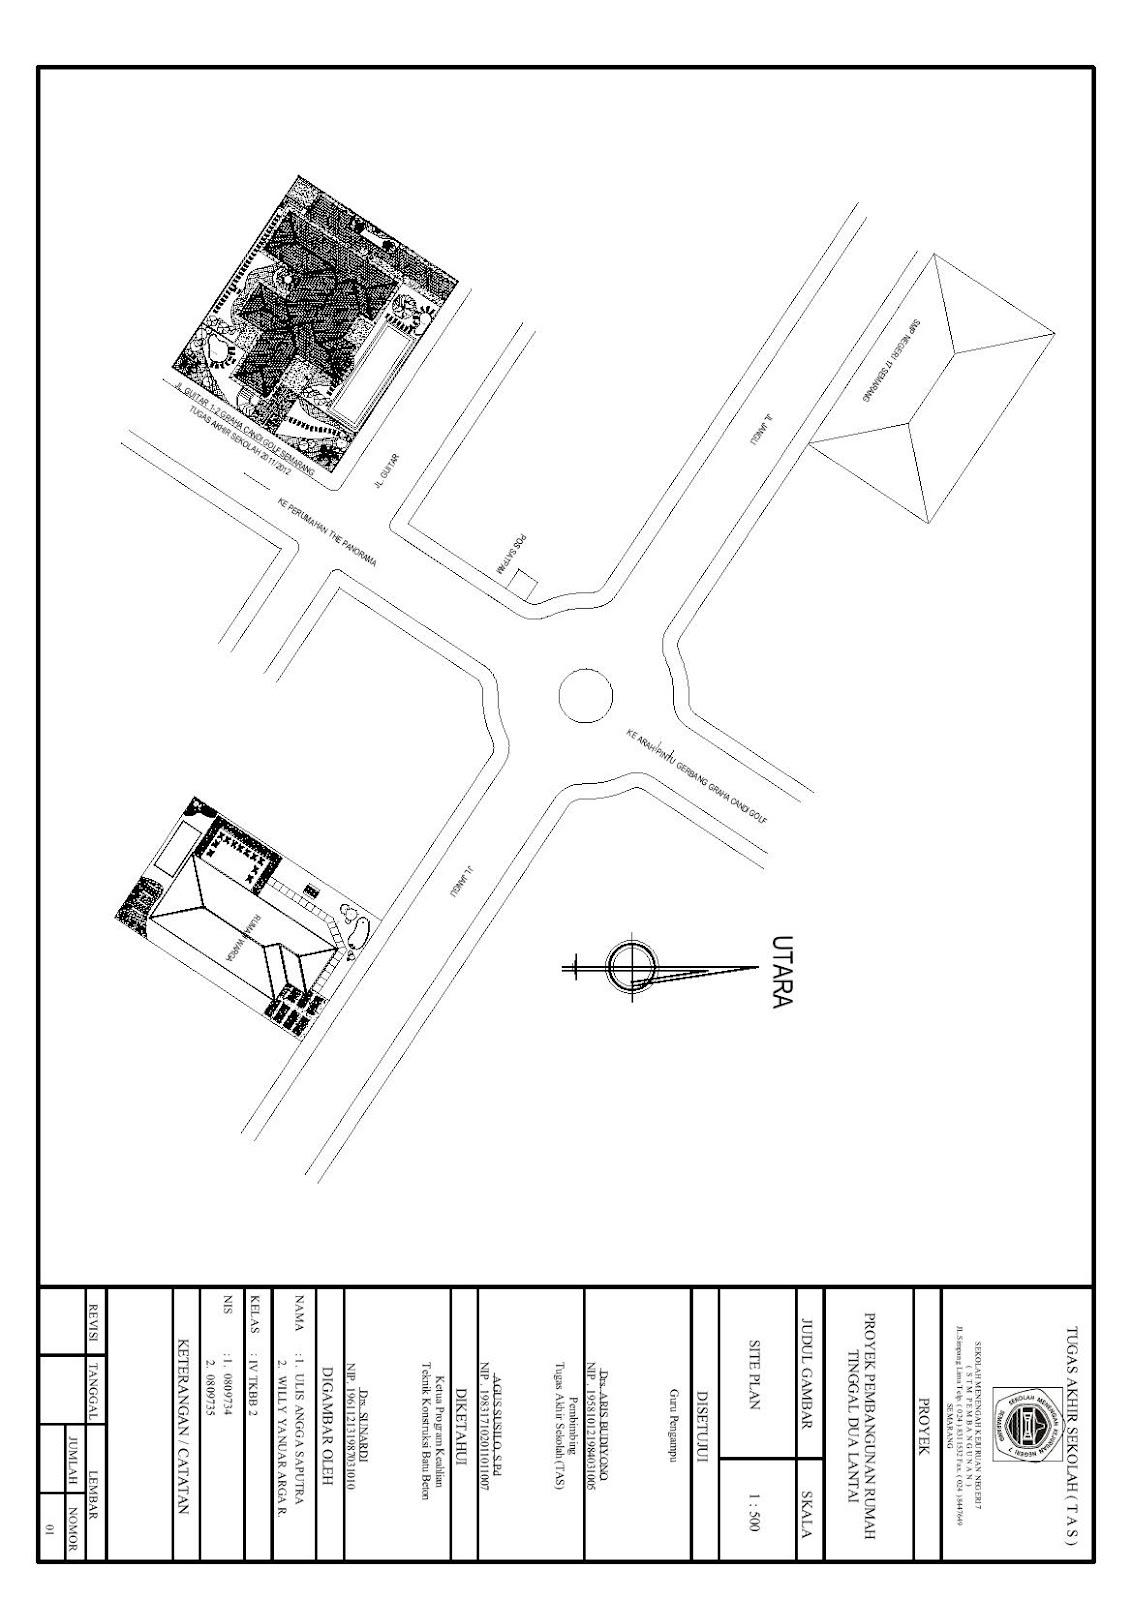 Image Result For Gambar Cad Konstruksi